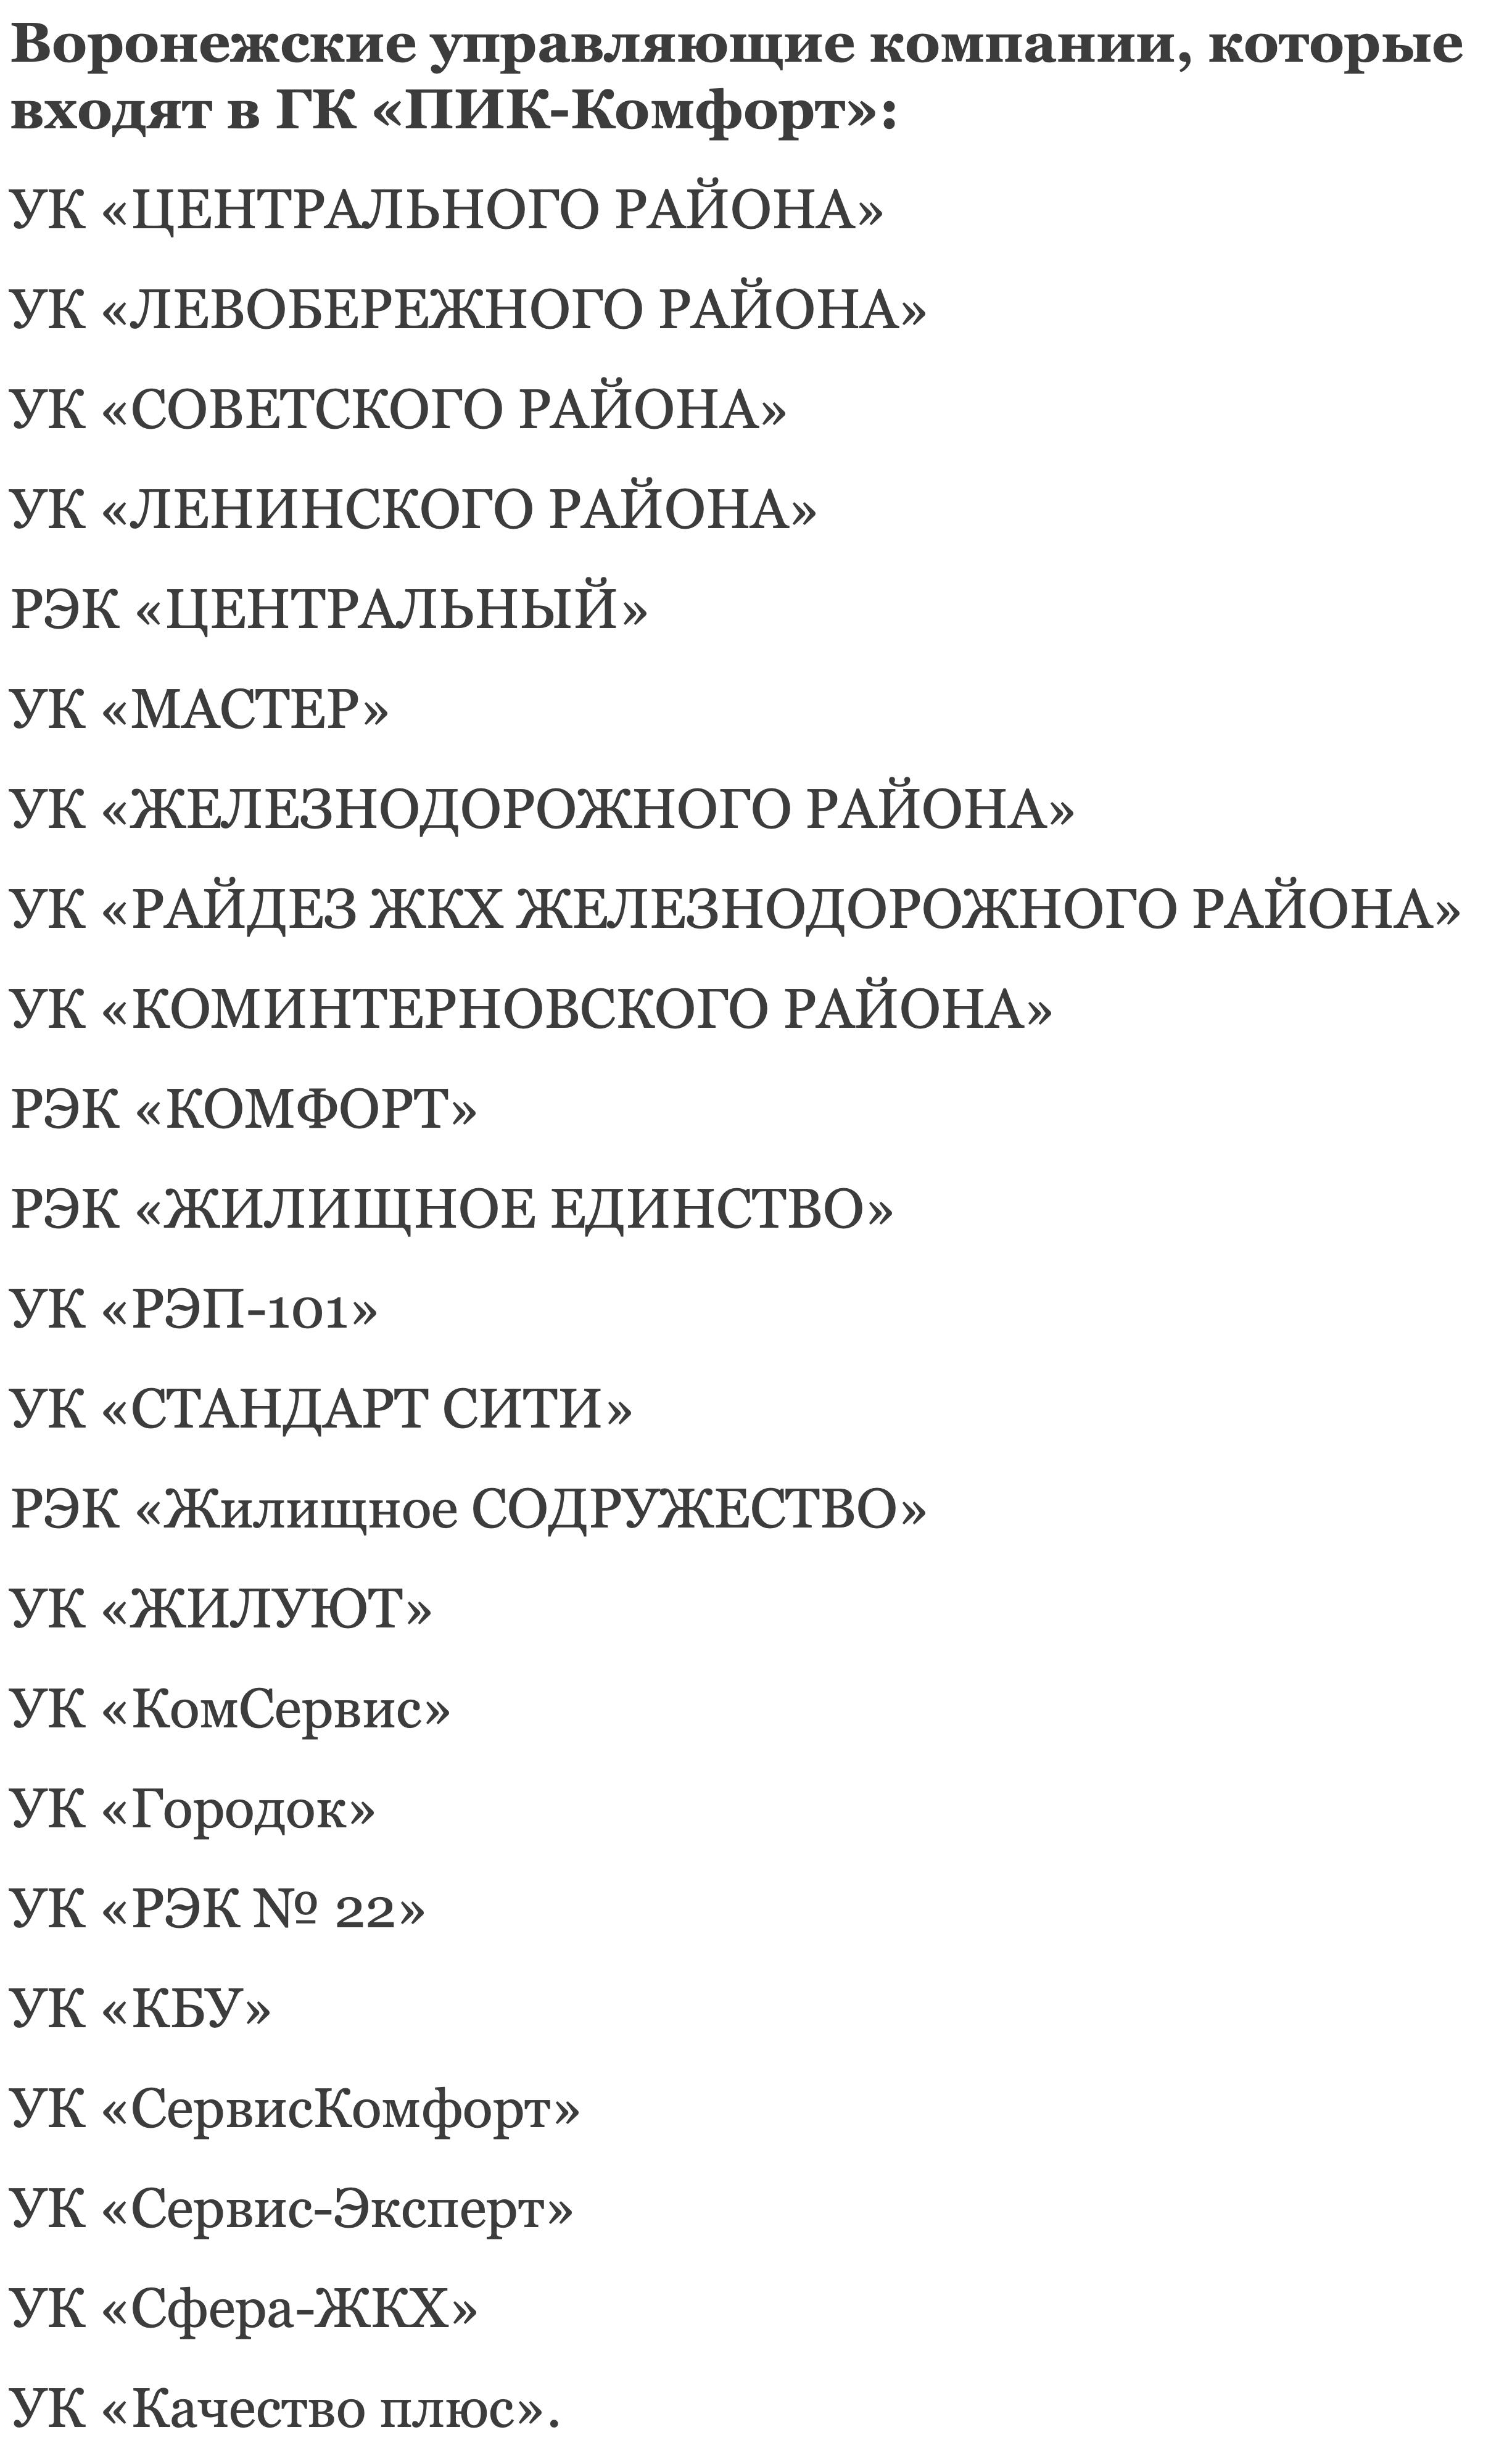 Список УК.